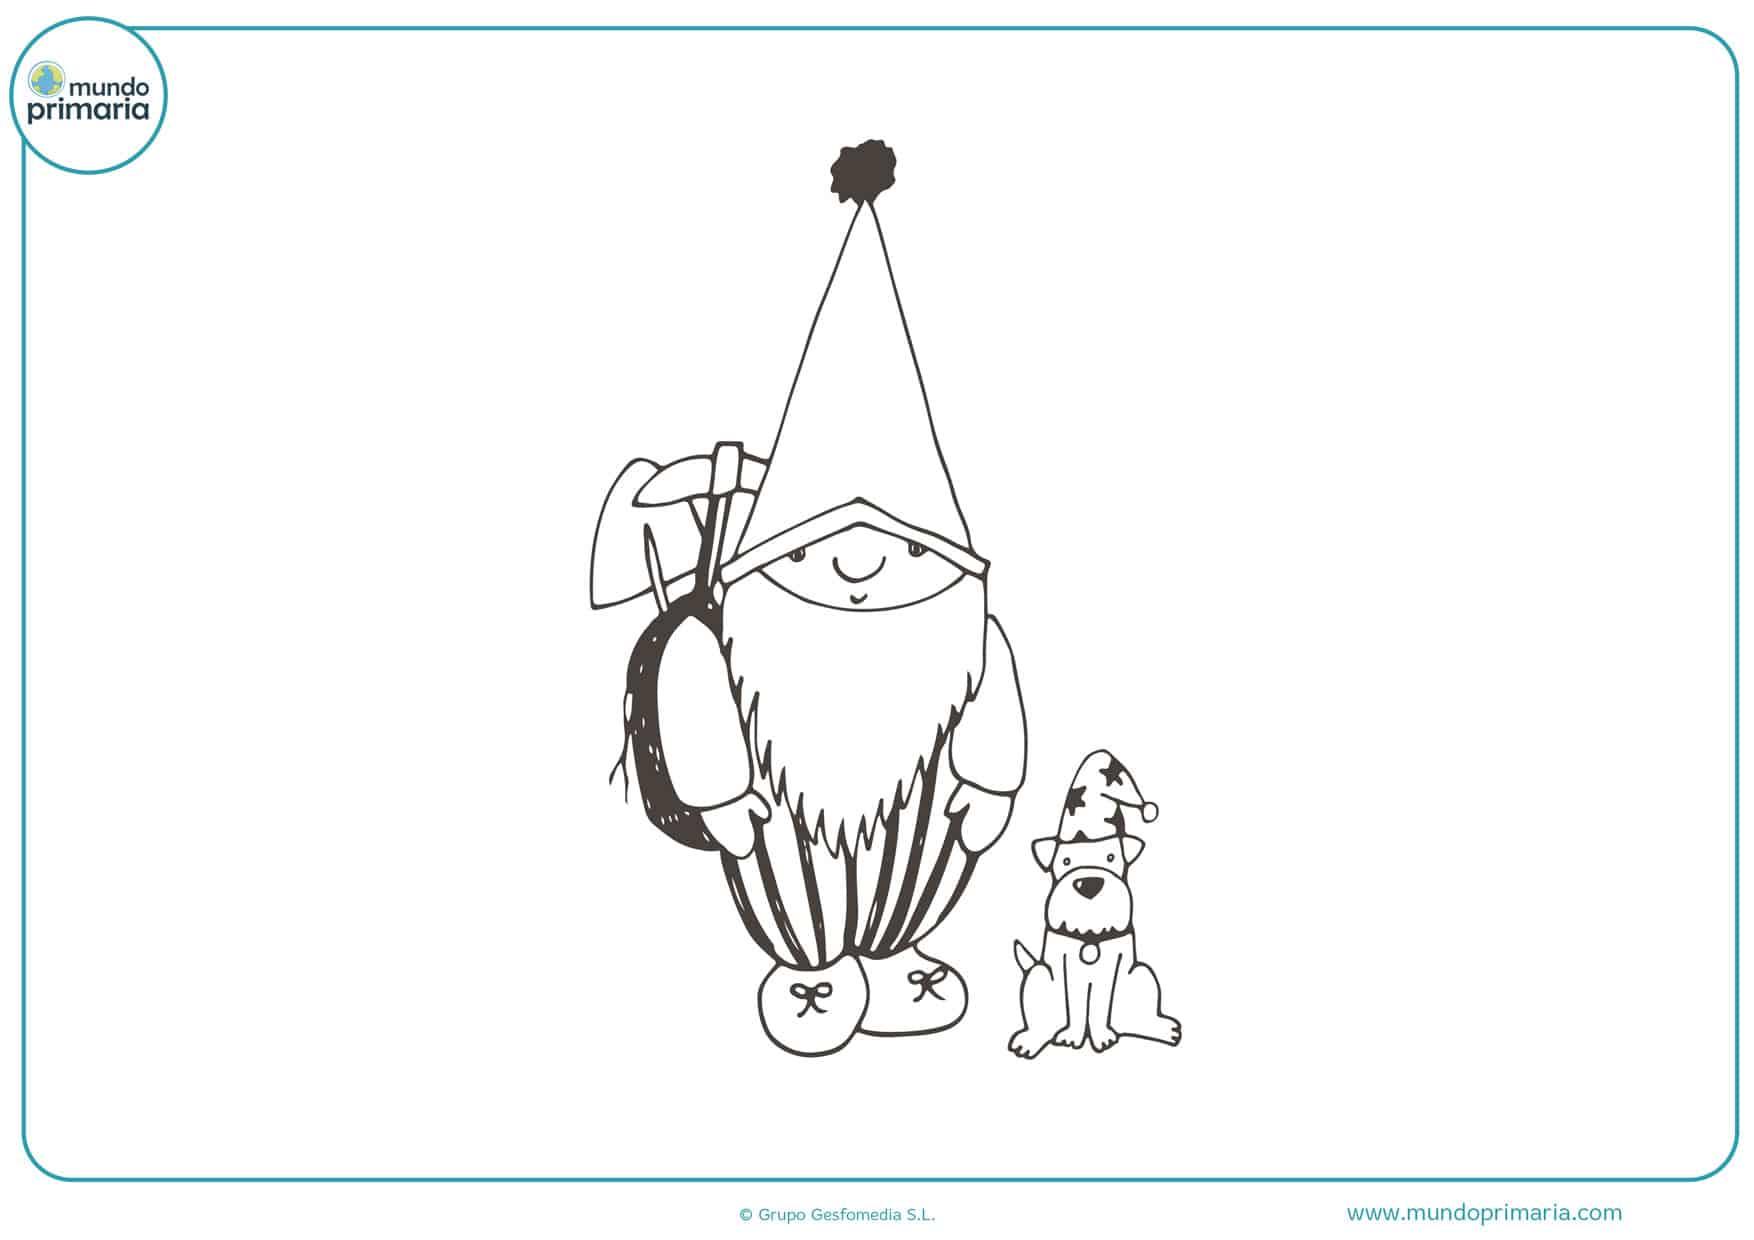 dibujos de duendes divertidos para colorear